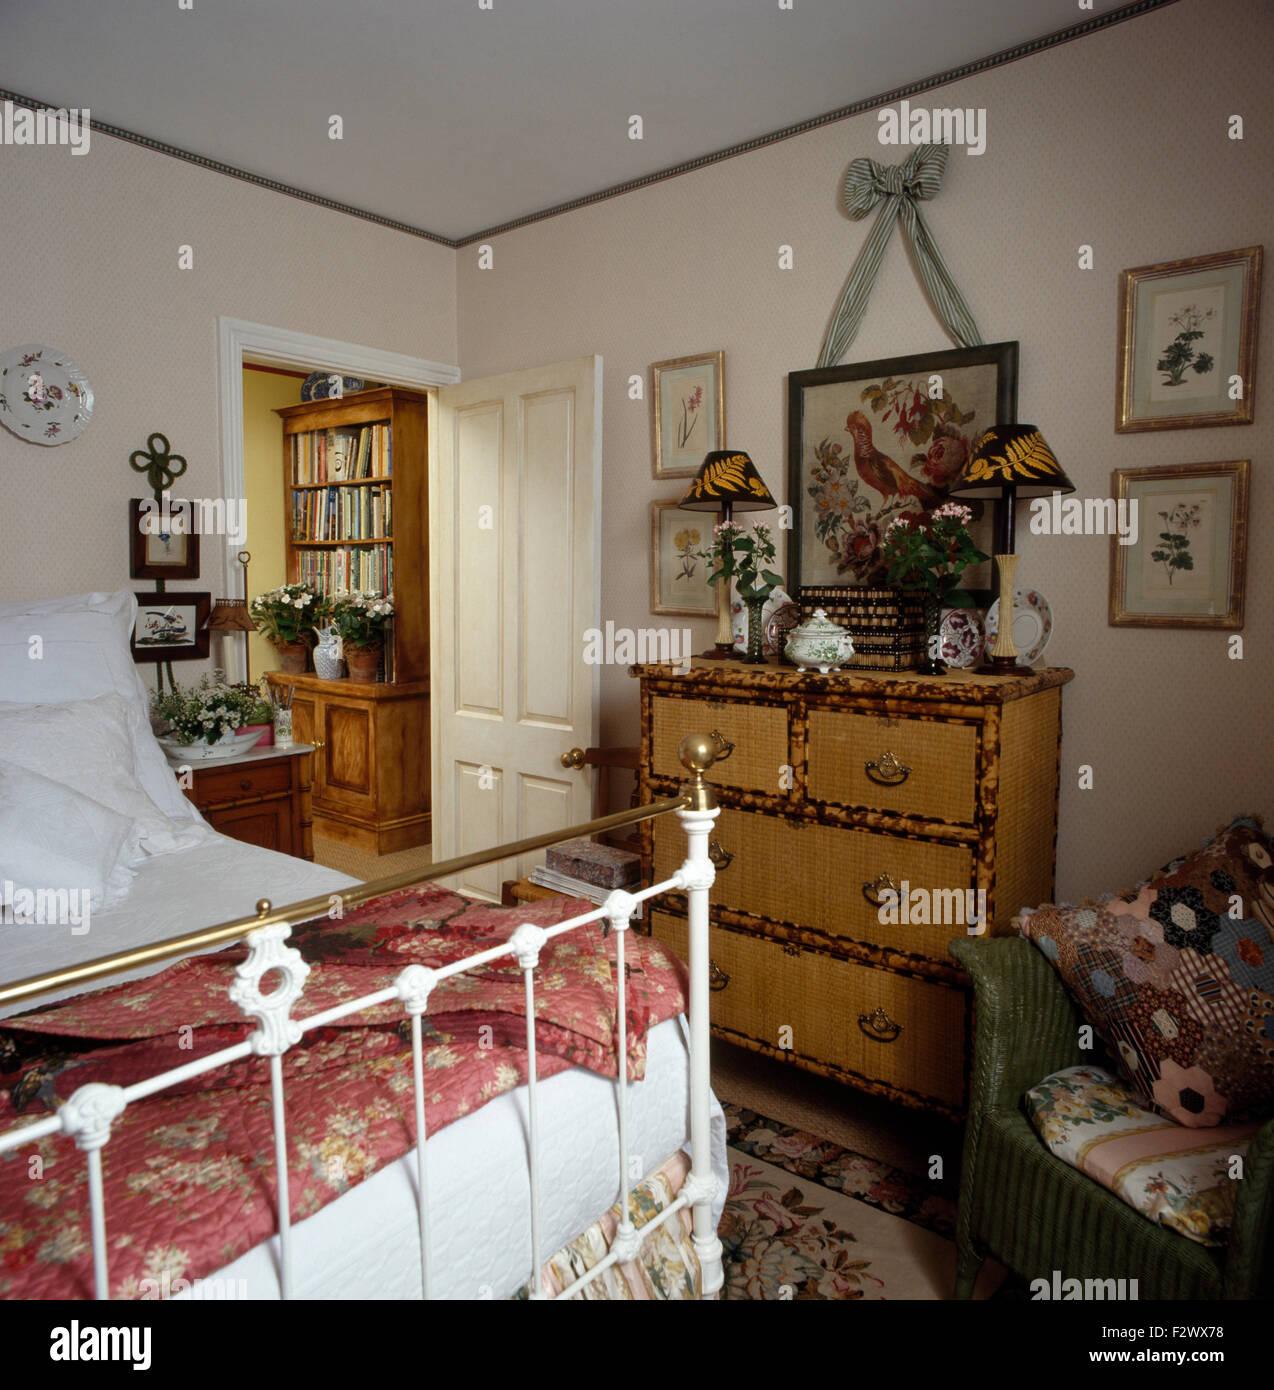 bambus kommode und wei lackiert antik messing bett in der neunziger jahre ferienhaus. Black Bedroom Furniture Sets. Home Design Ideas